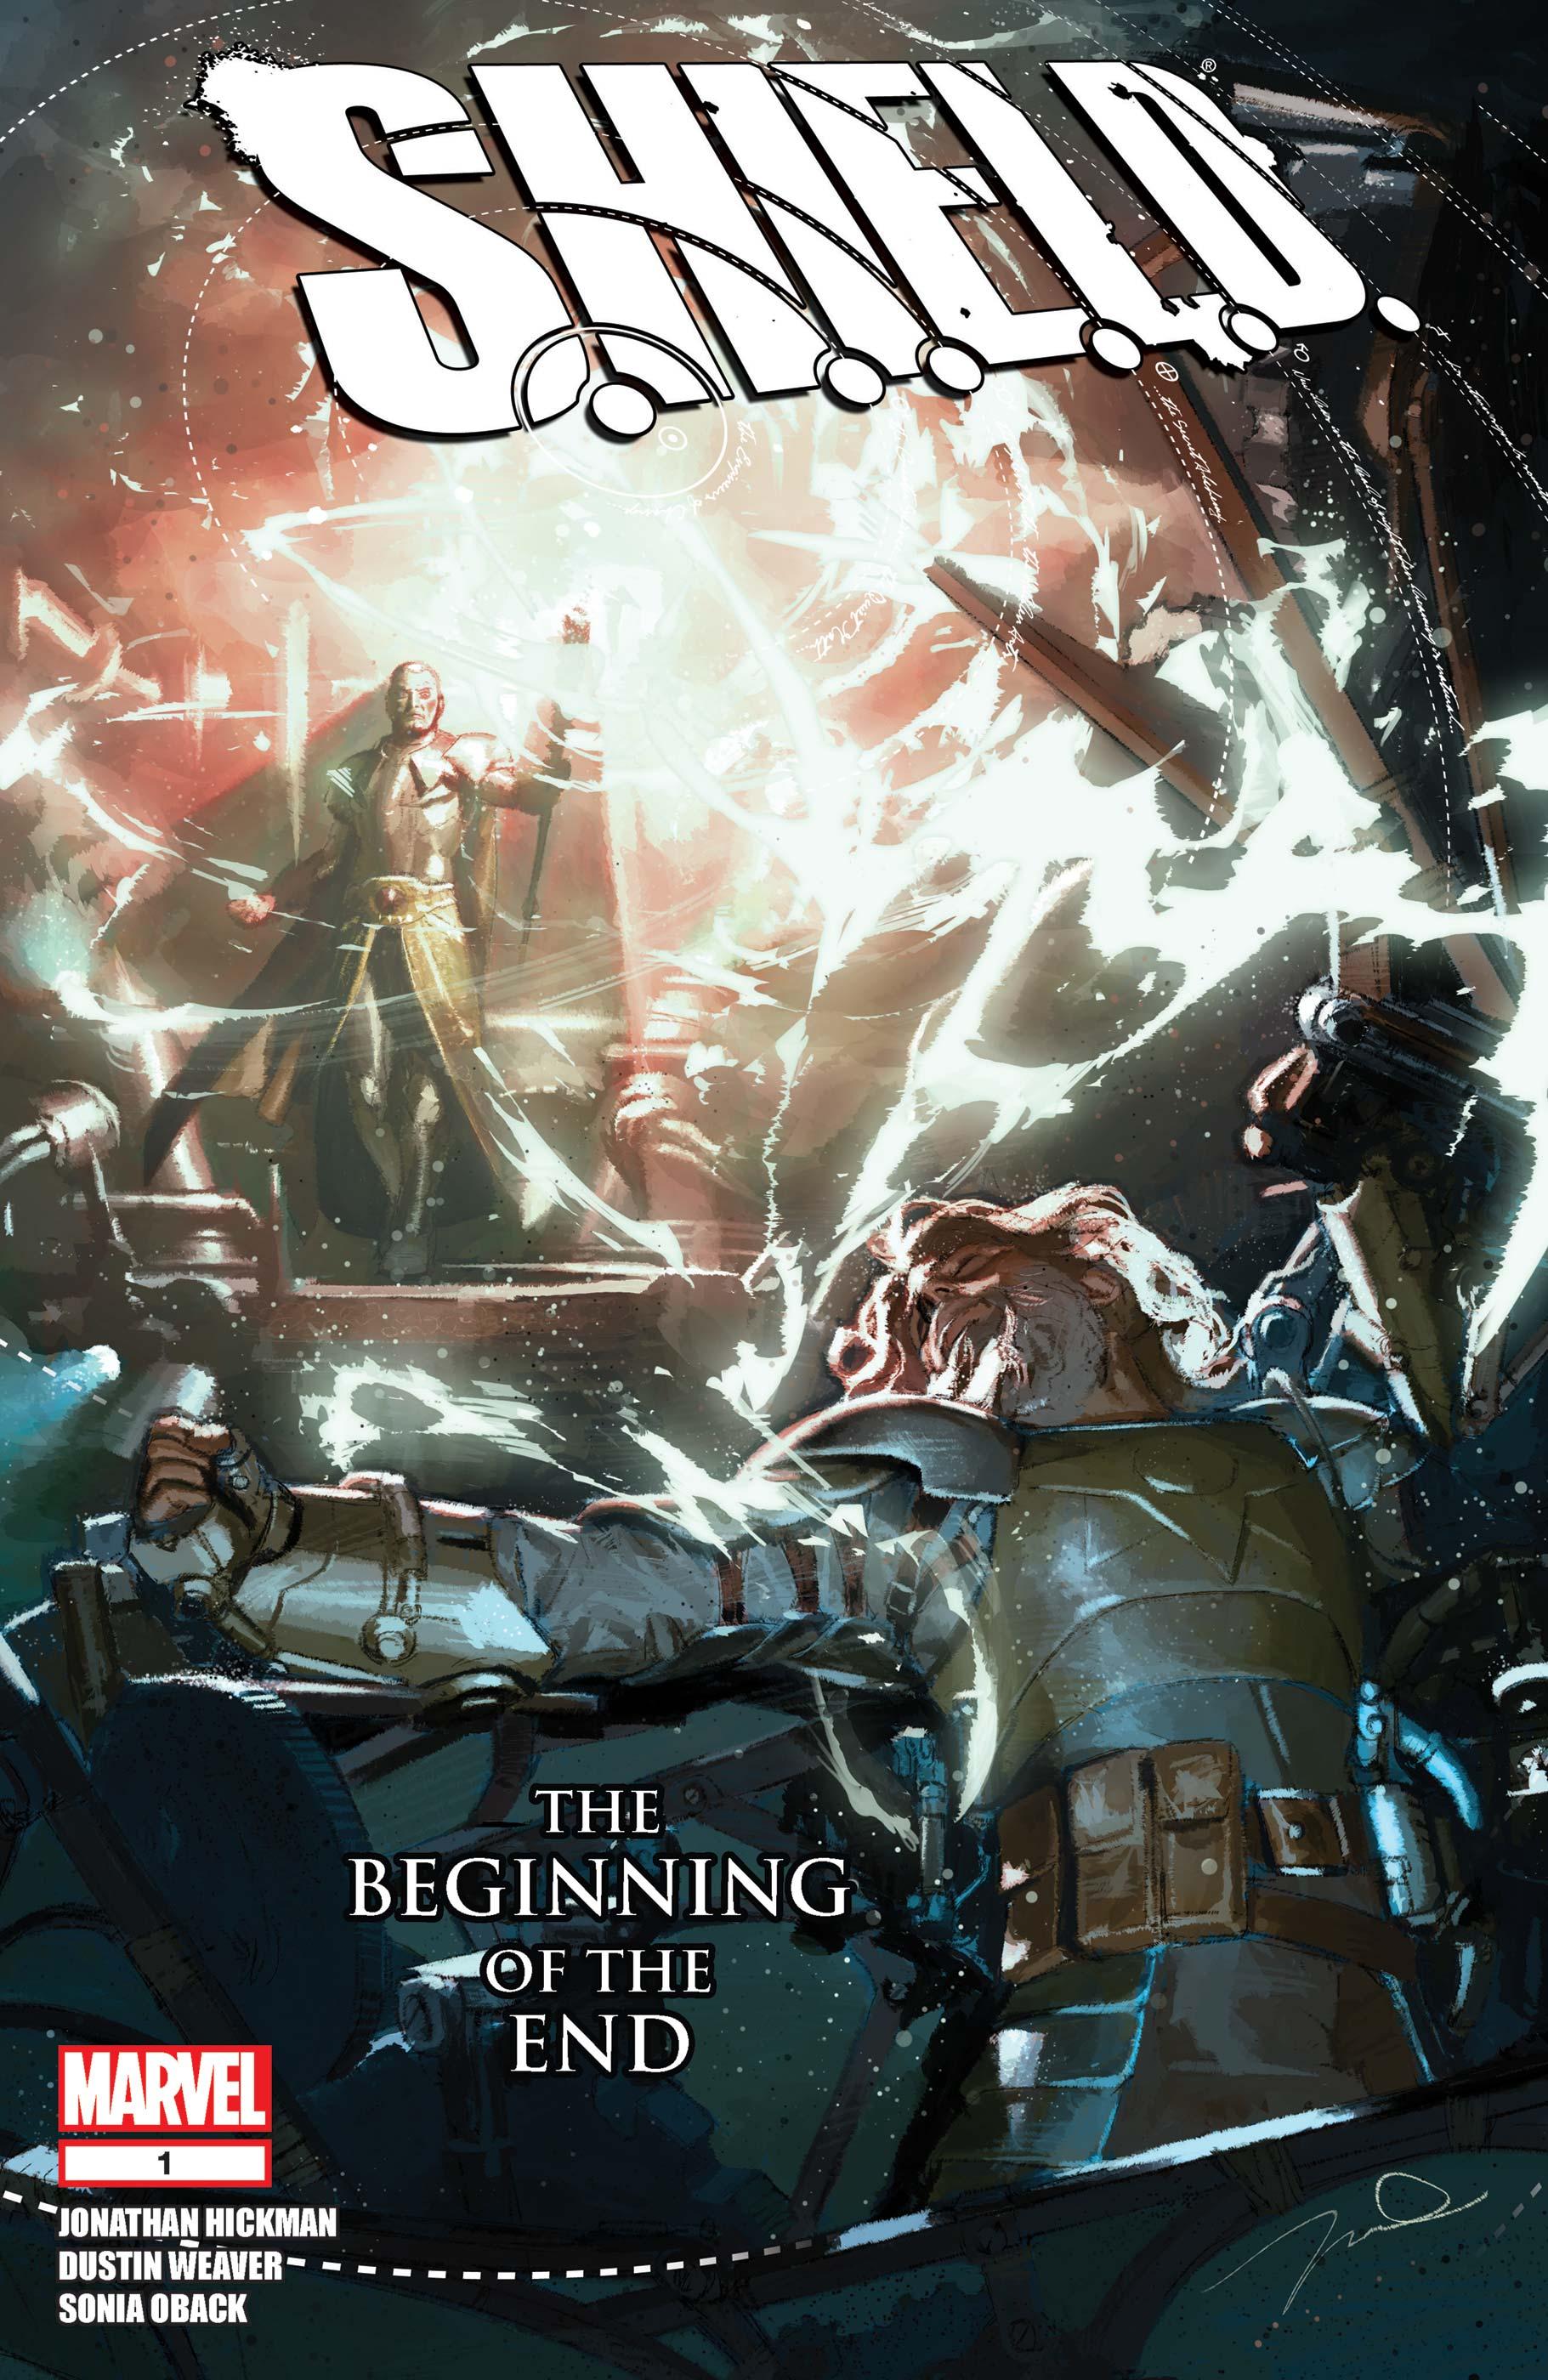 S.H.I.E.L.D. (2011) #1